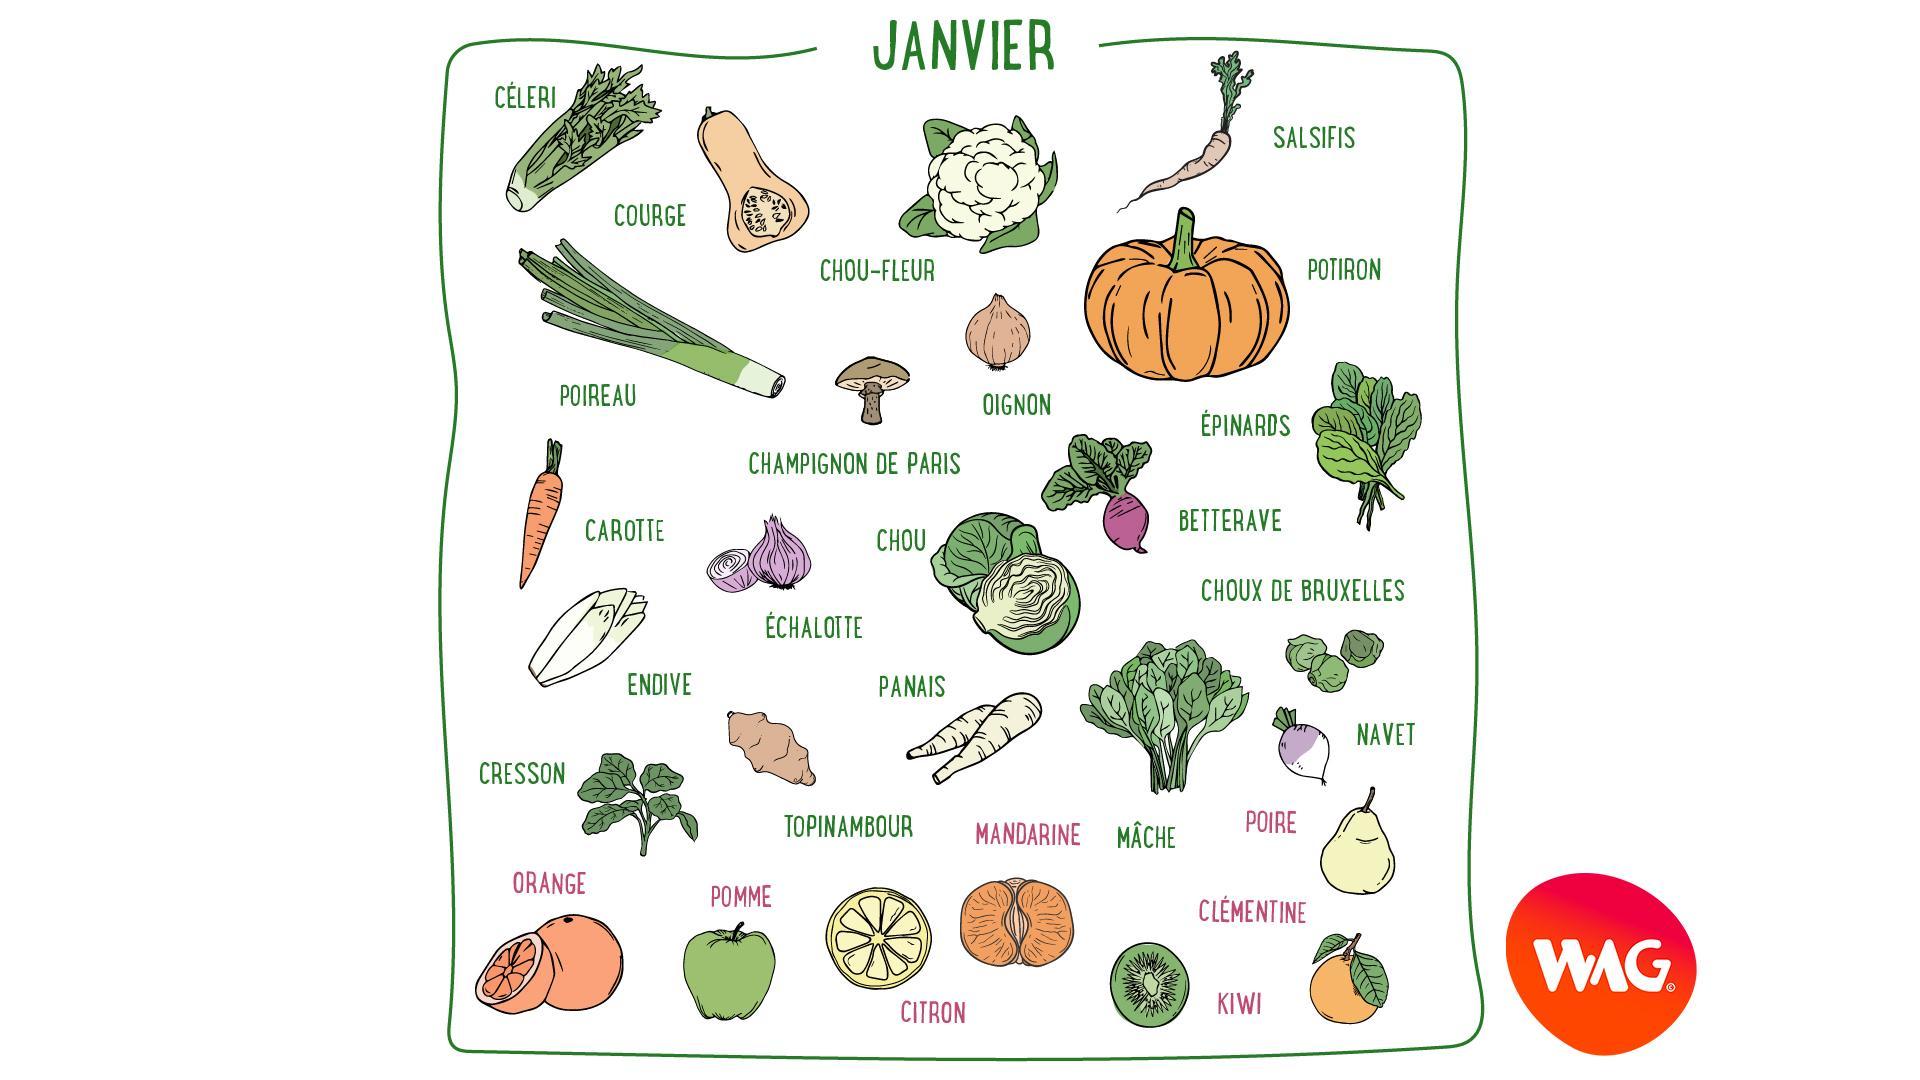 Céleri, citron, chou-fleur, mâche, mandarine, clémentine, poire, orange... Découvrez les fruits et légumes de saison du mois de janvier en France métropolitaine.